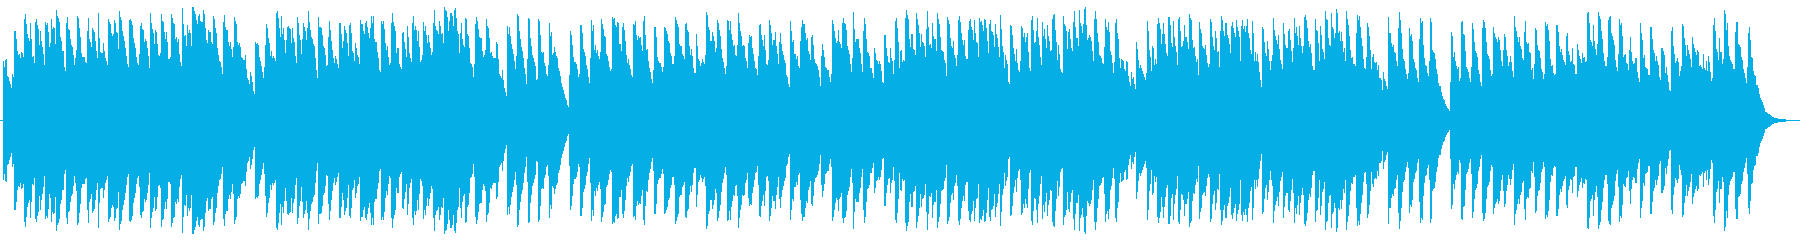 おめでとうクリスマス オルゴールの再生済みの波形